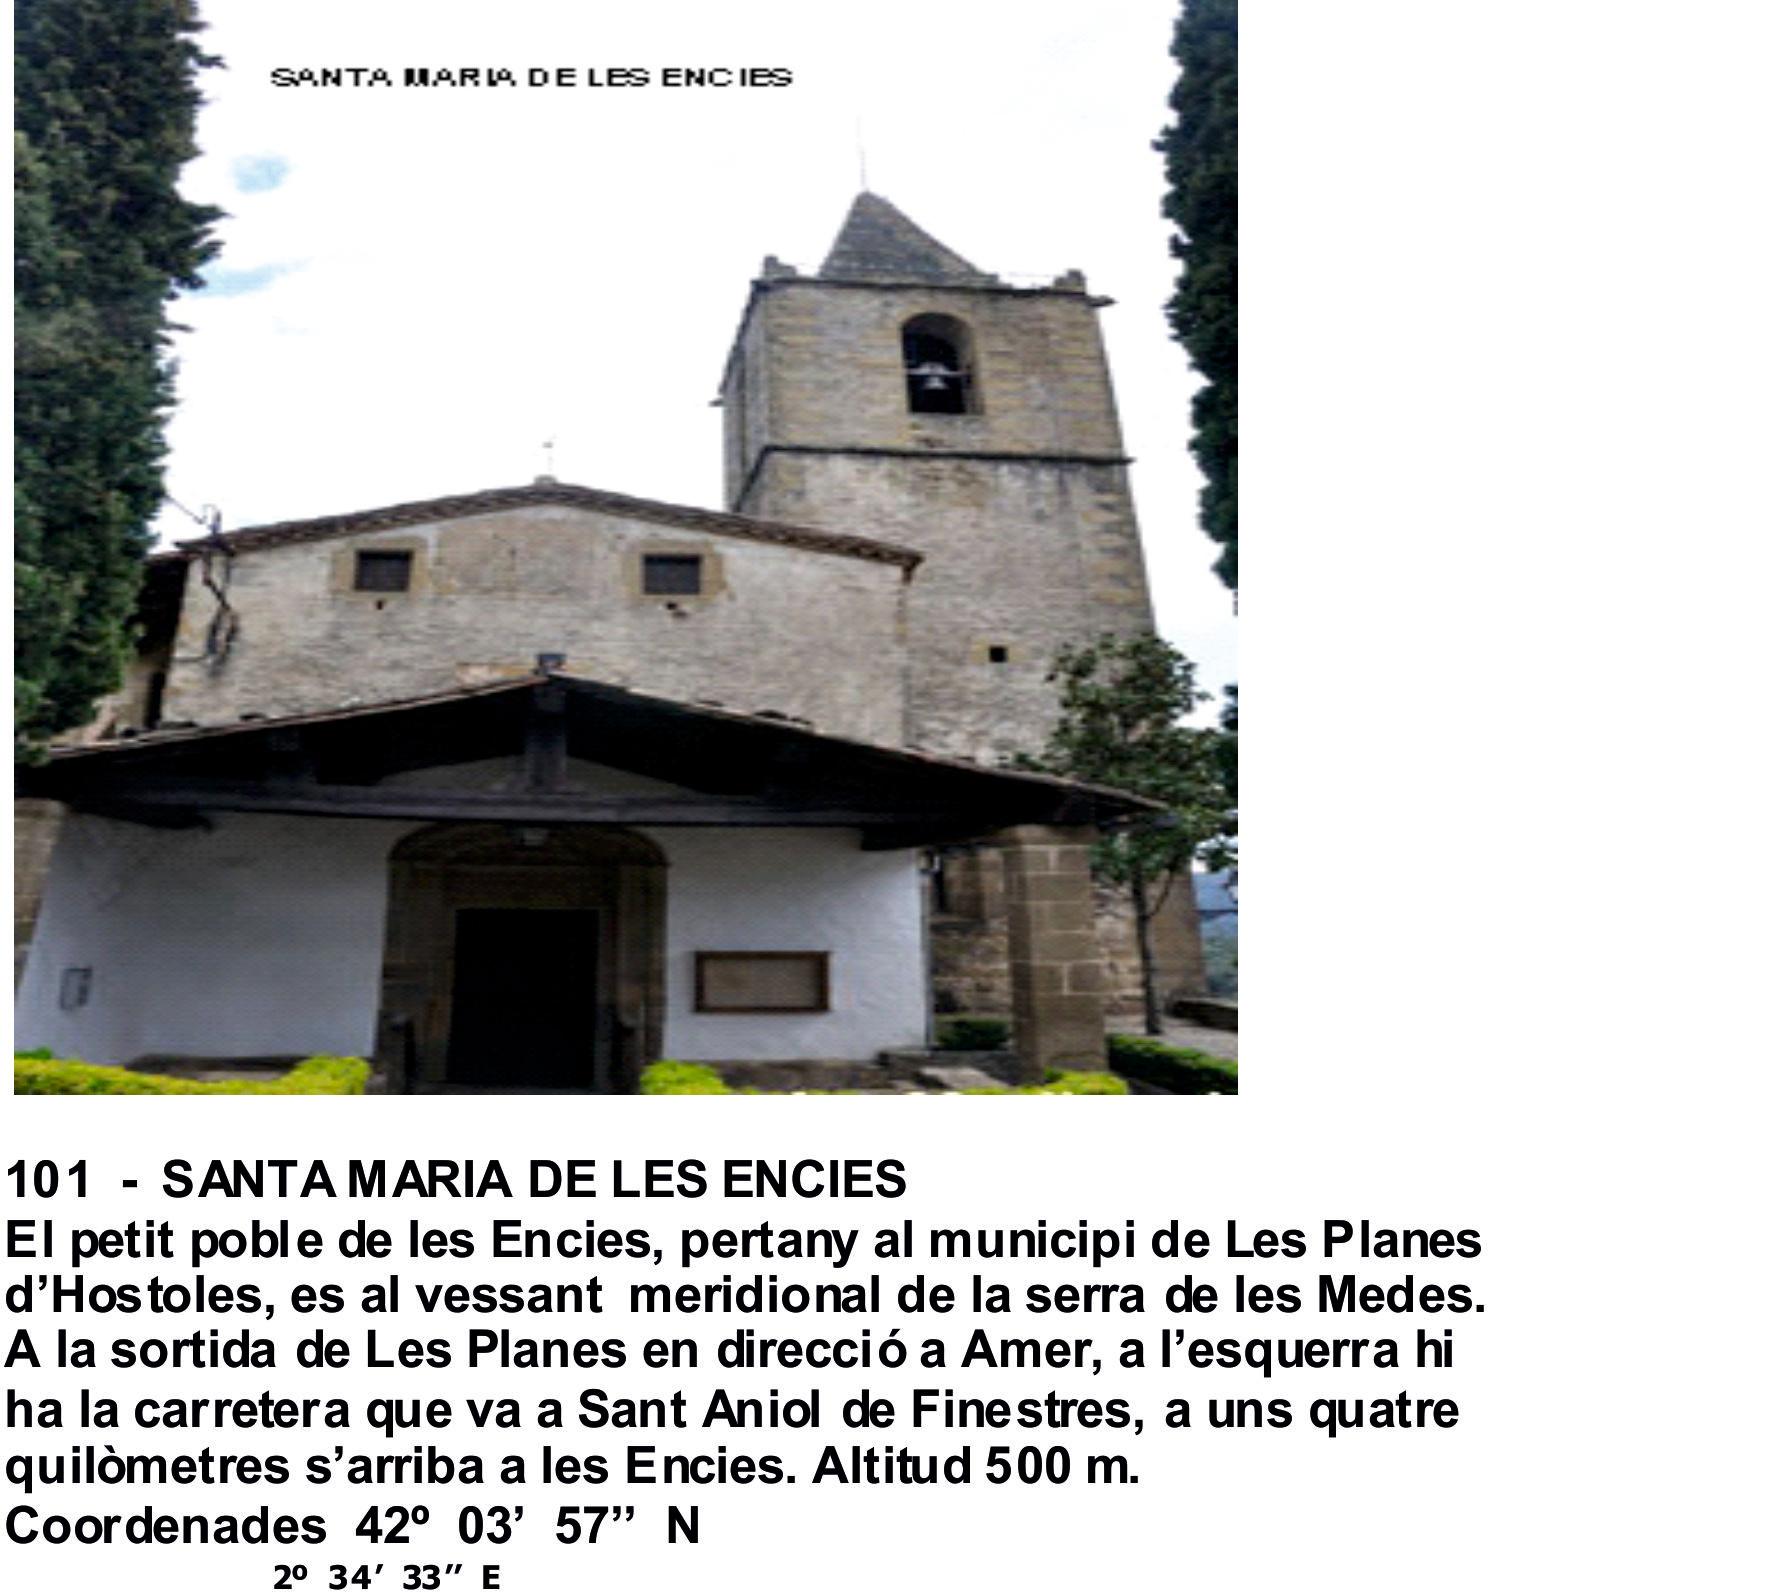 101  -  SANTA MARIA DE LES ENCIES